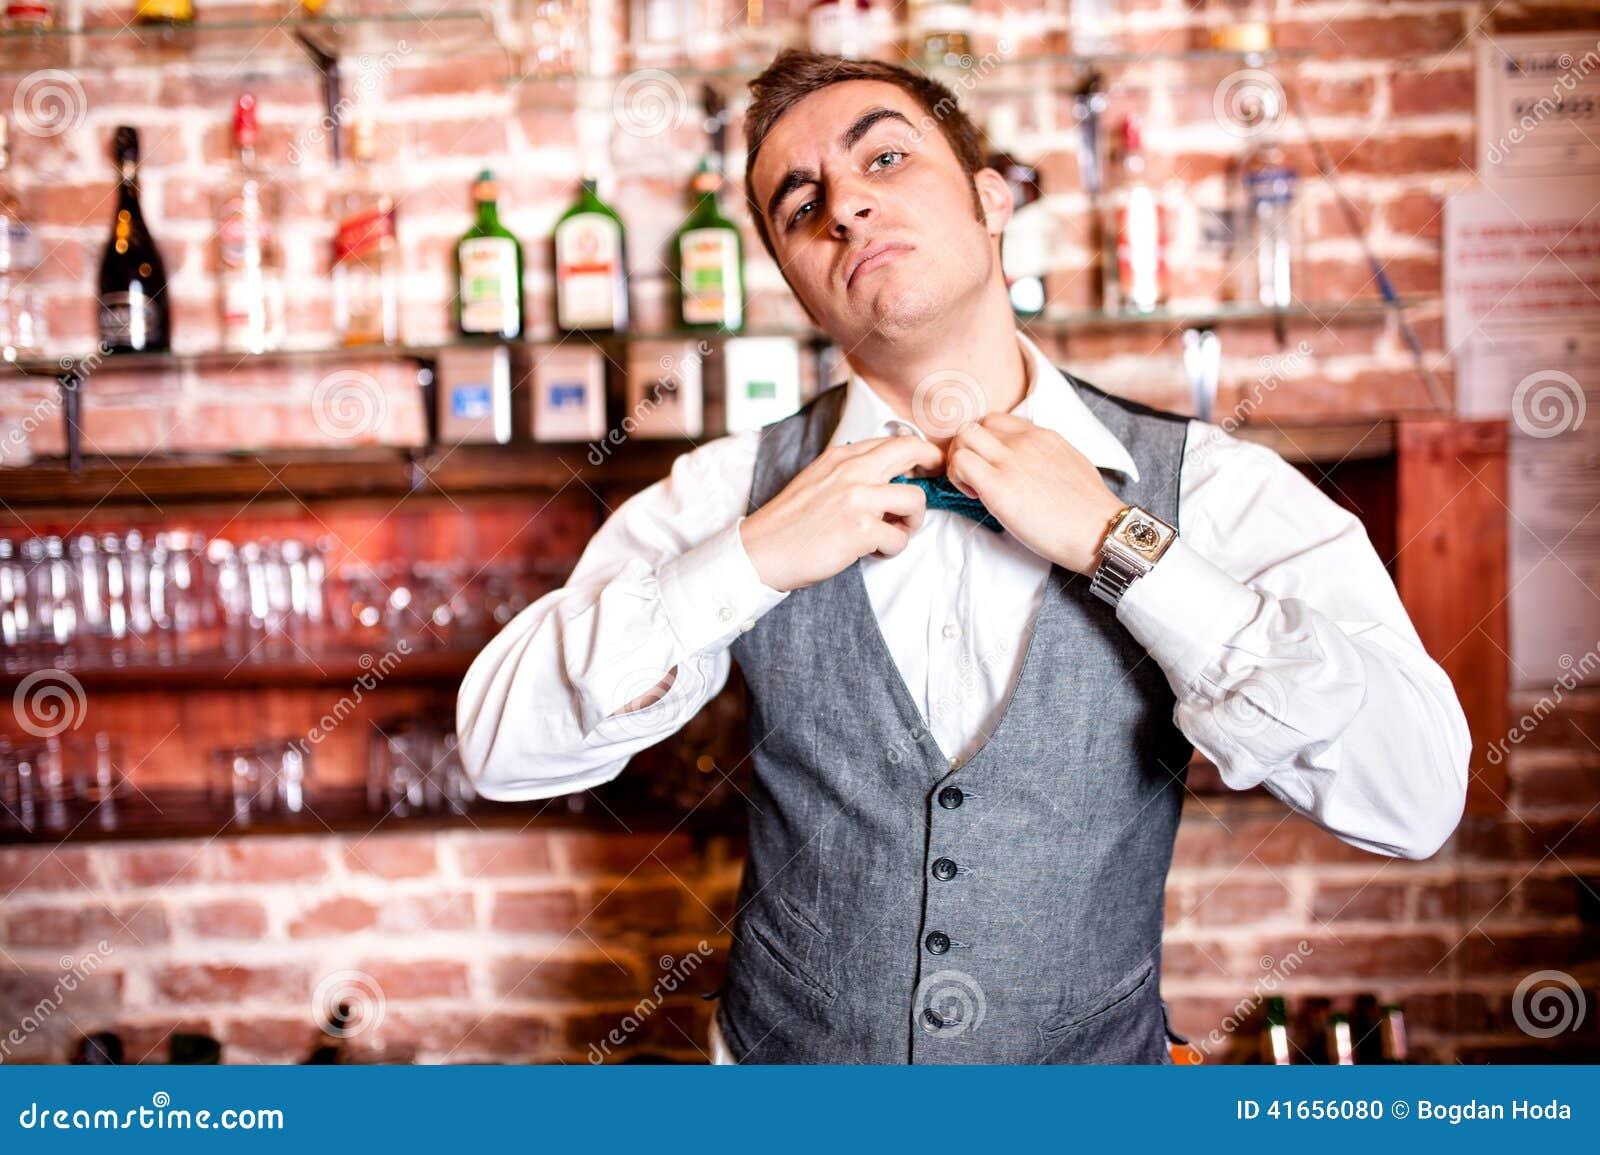 Портрет сердитого и усиленного бармена с bowtie за баром